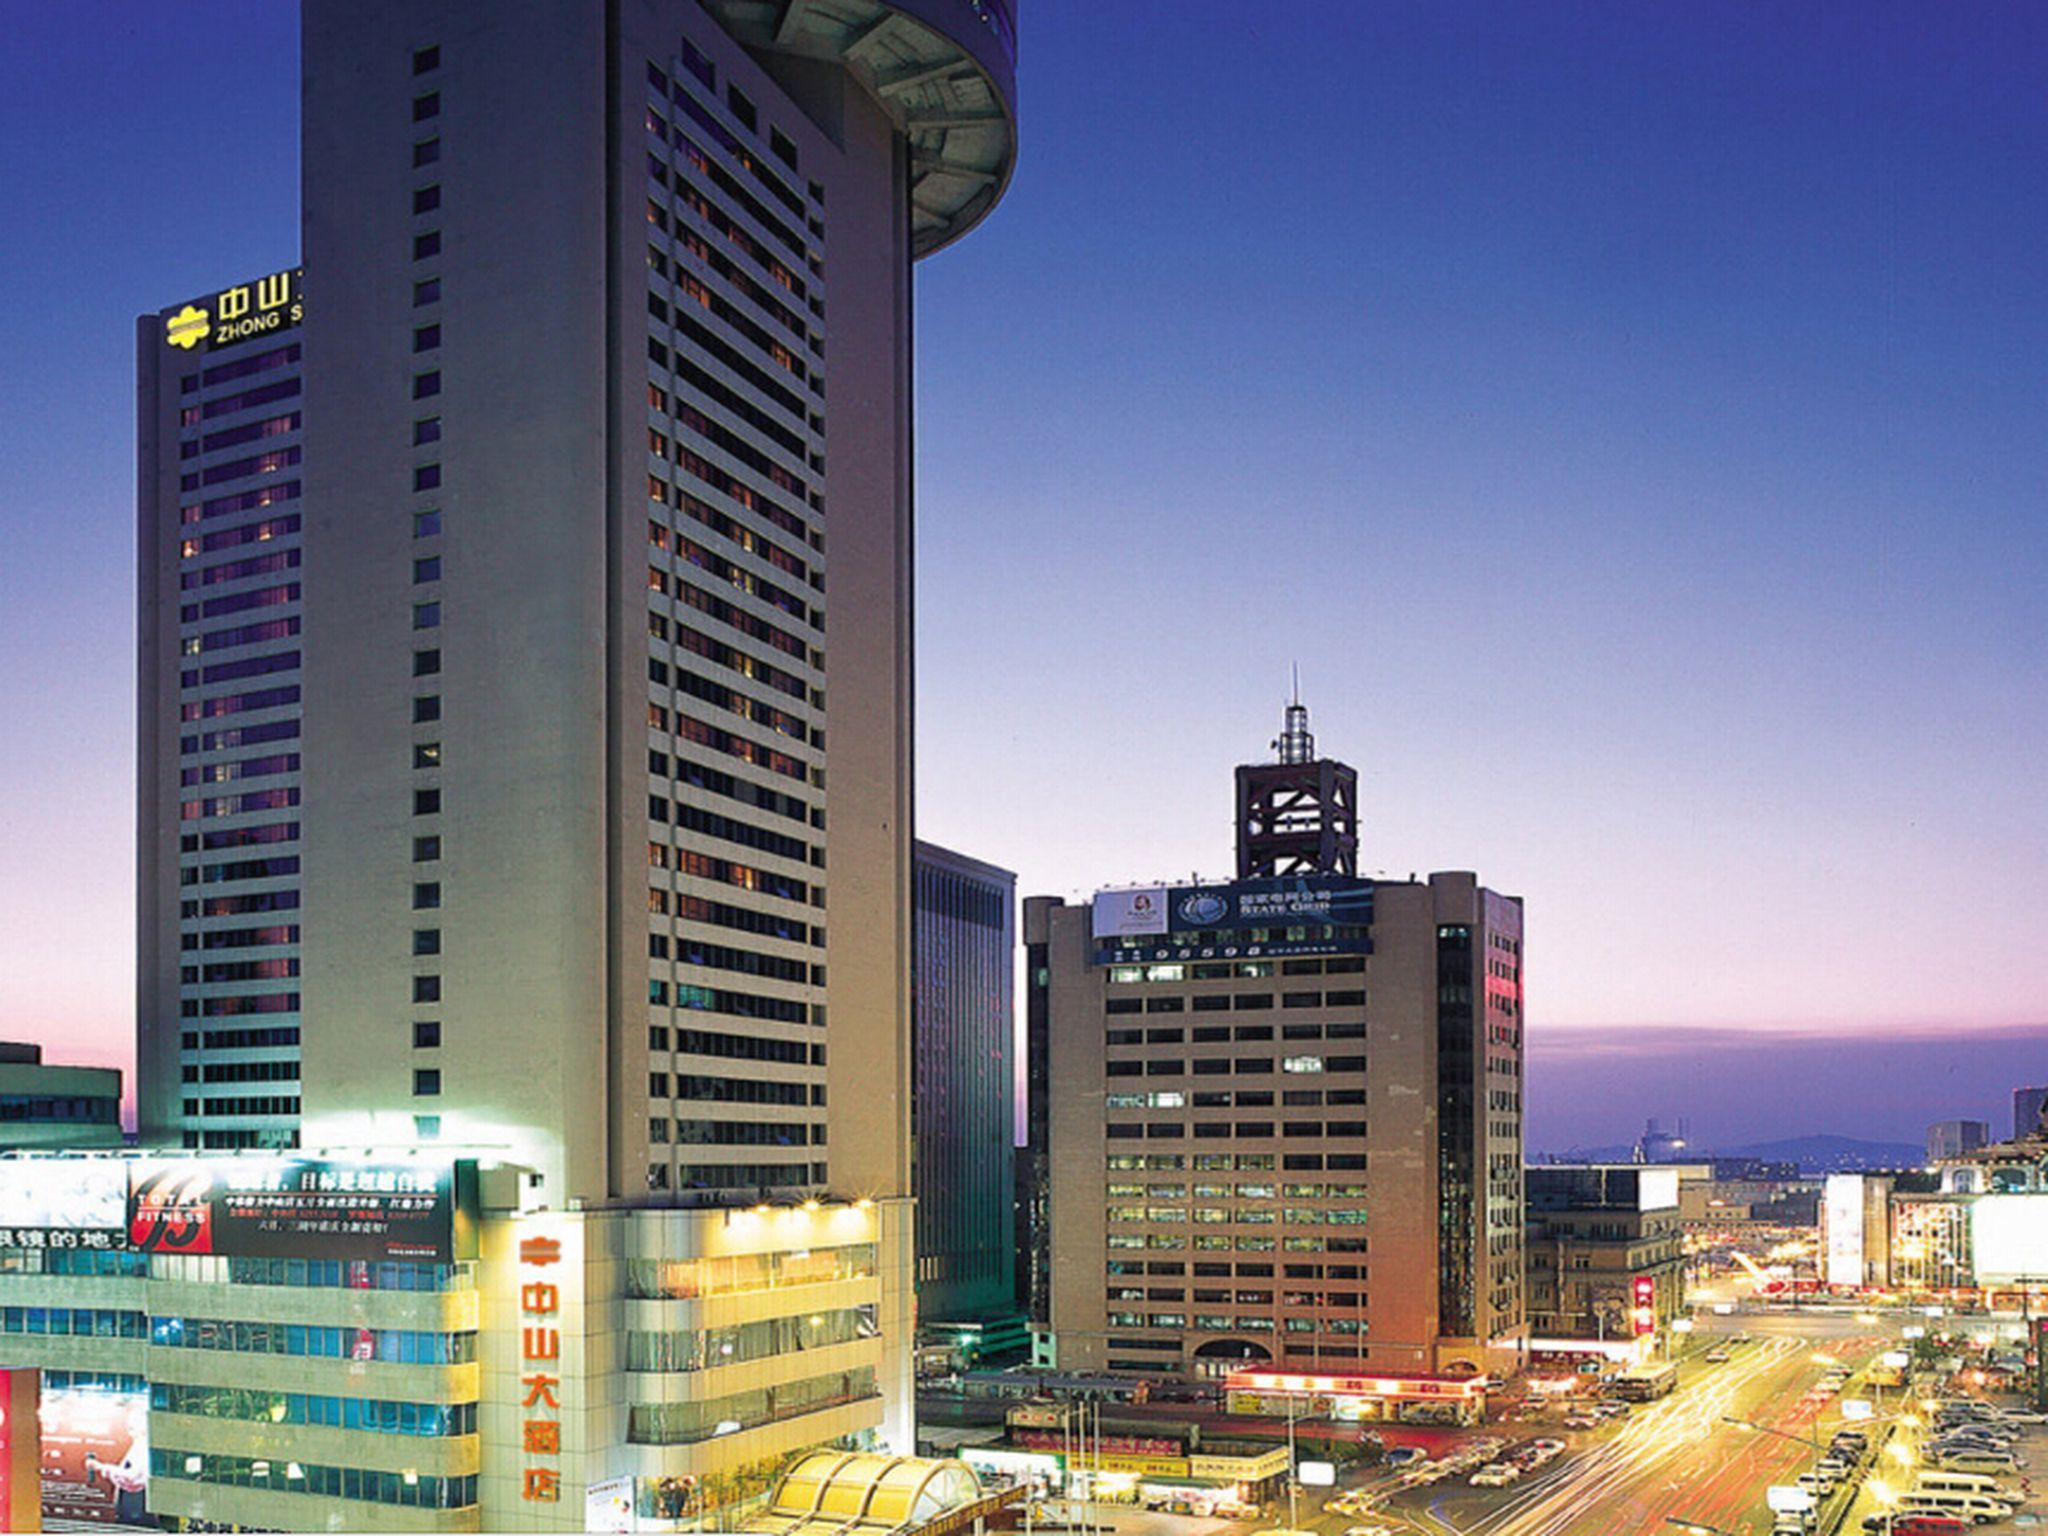 Dalian Zhongshan Hotel